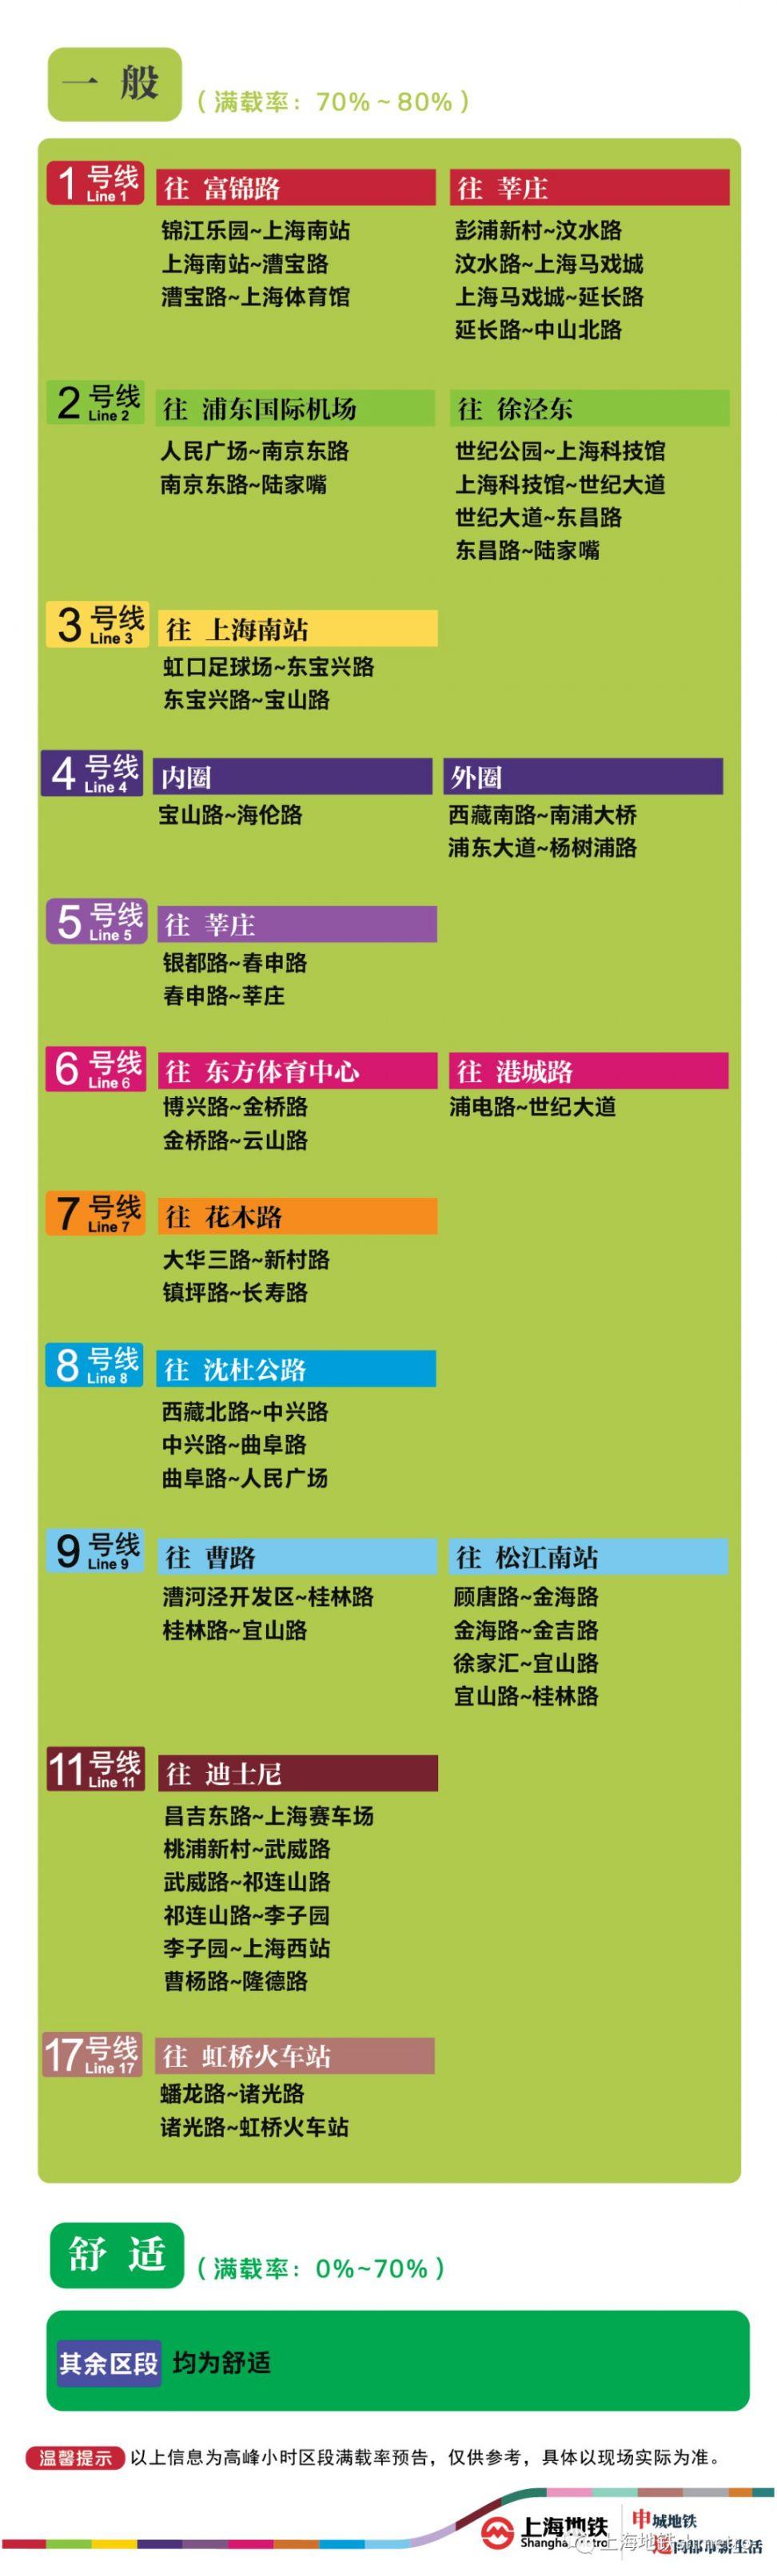 10月16日上海8座地铁站早高峰限流(附舒适度)